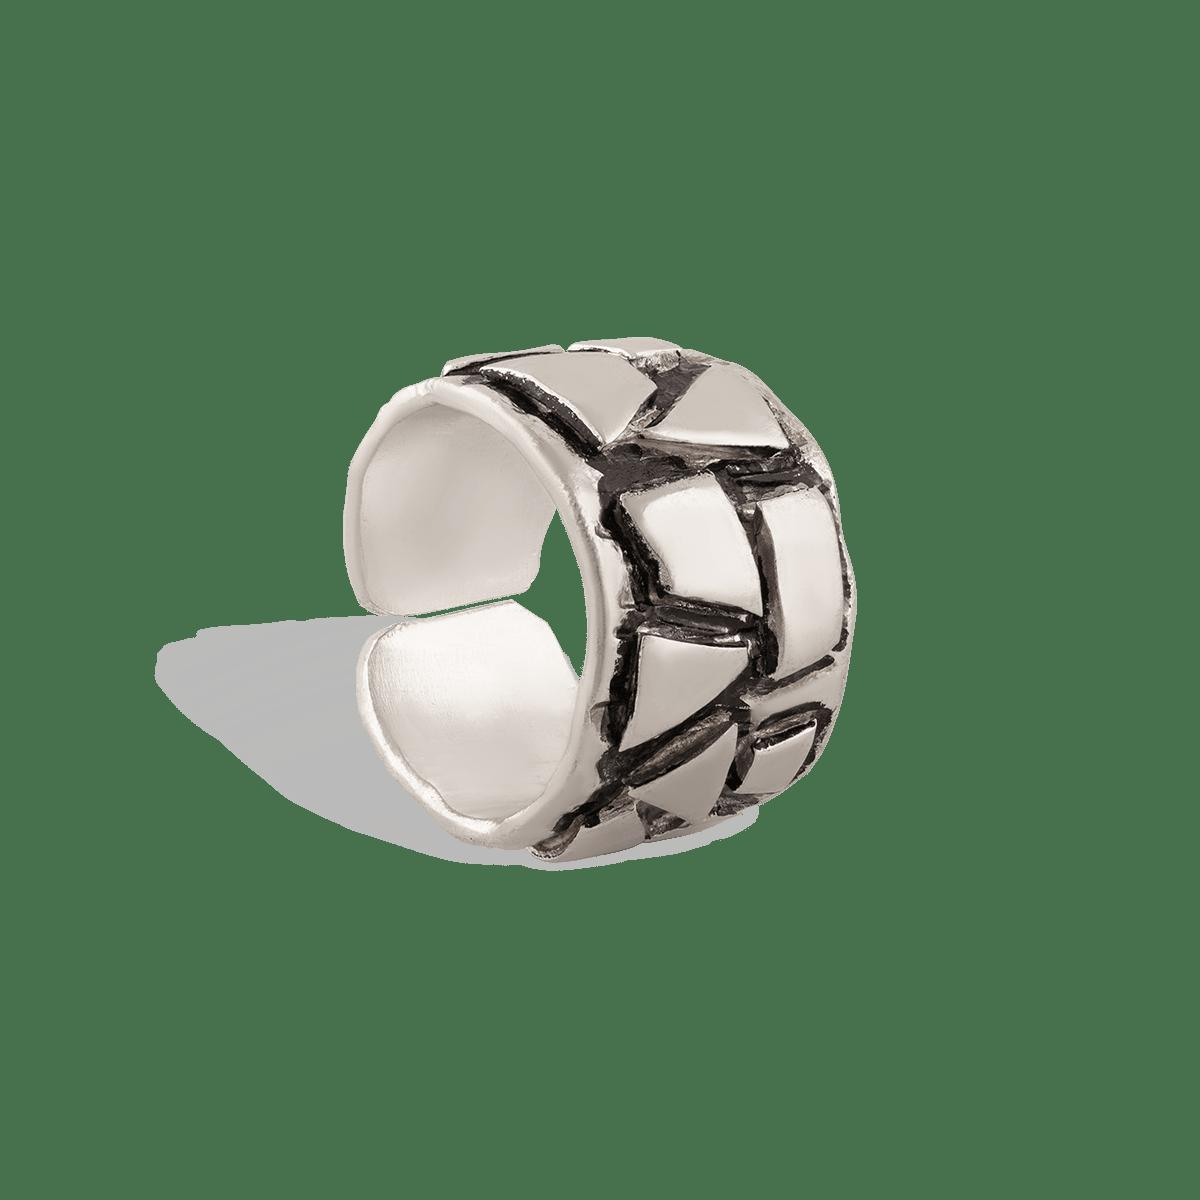 انگشتر نقره کروکودیل